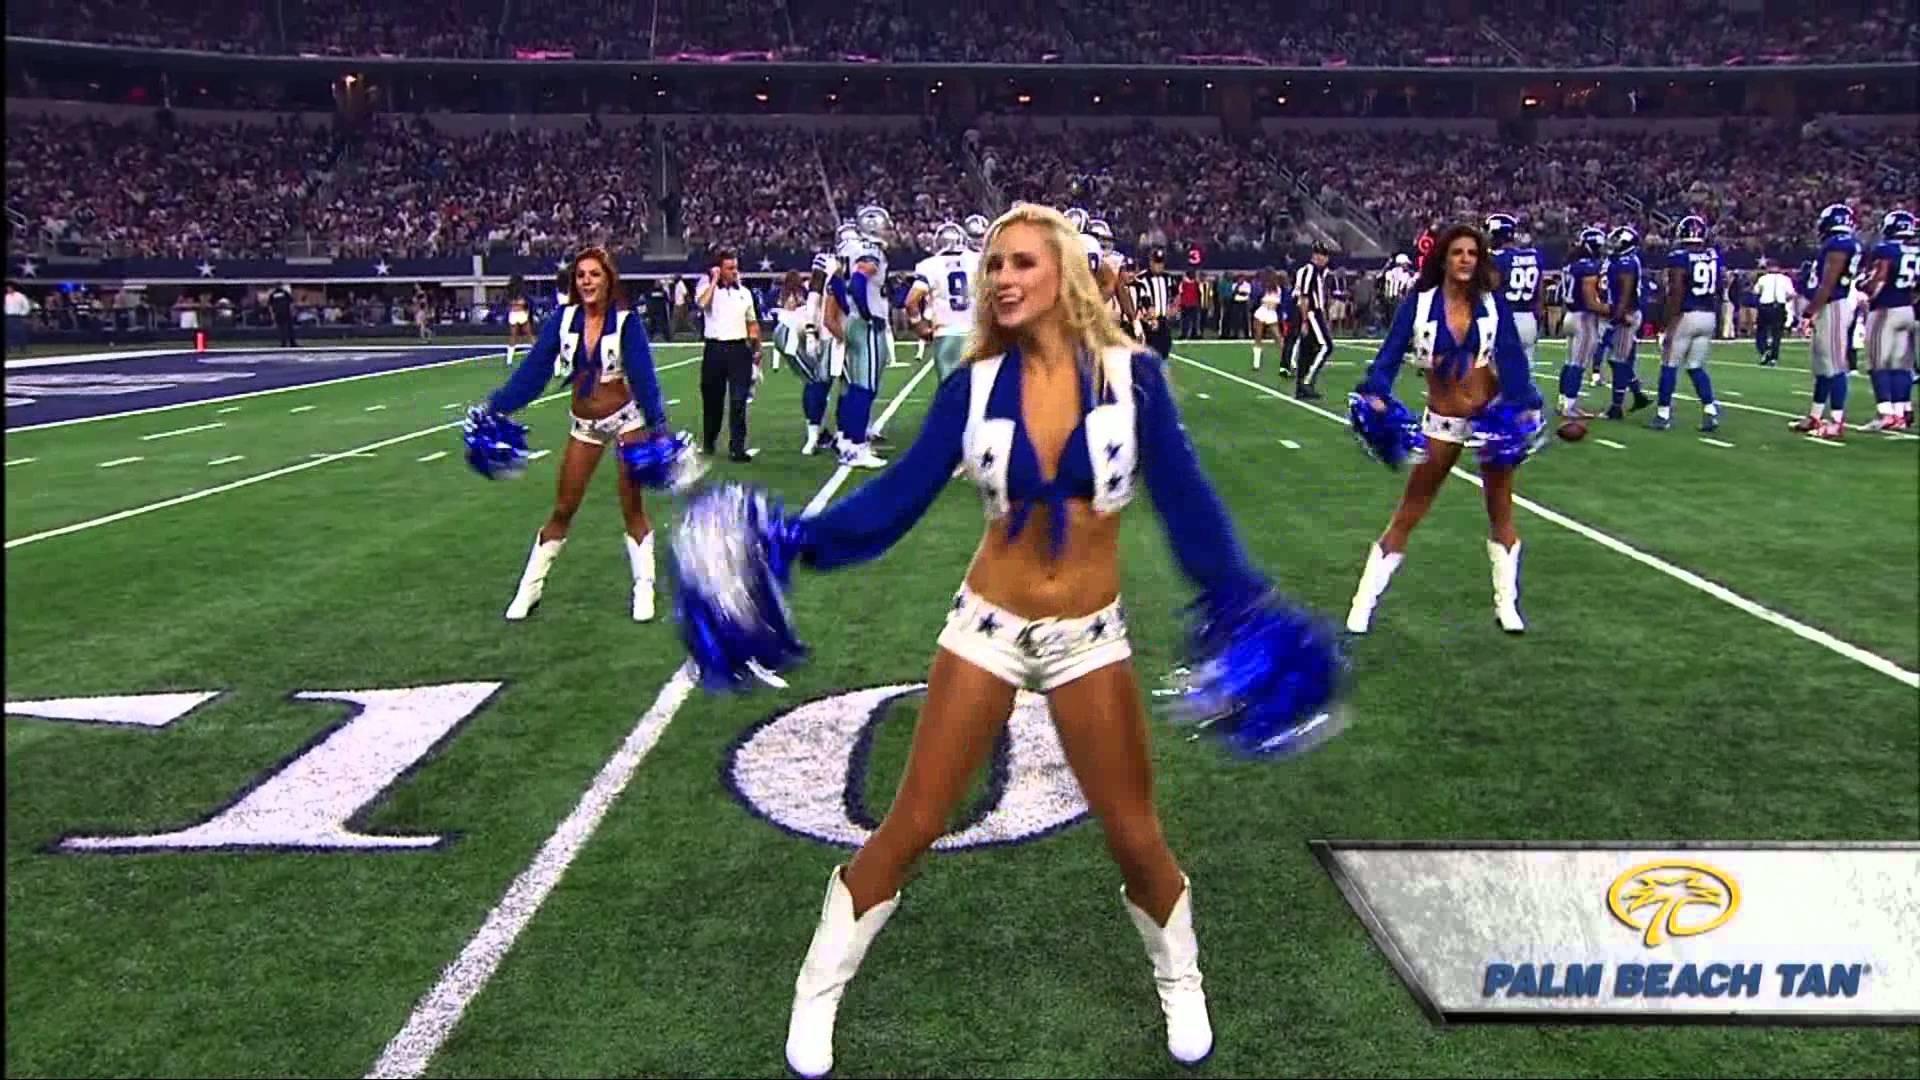 Dallas Cowboys Cheerleaders Holly i